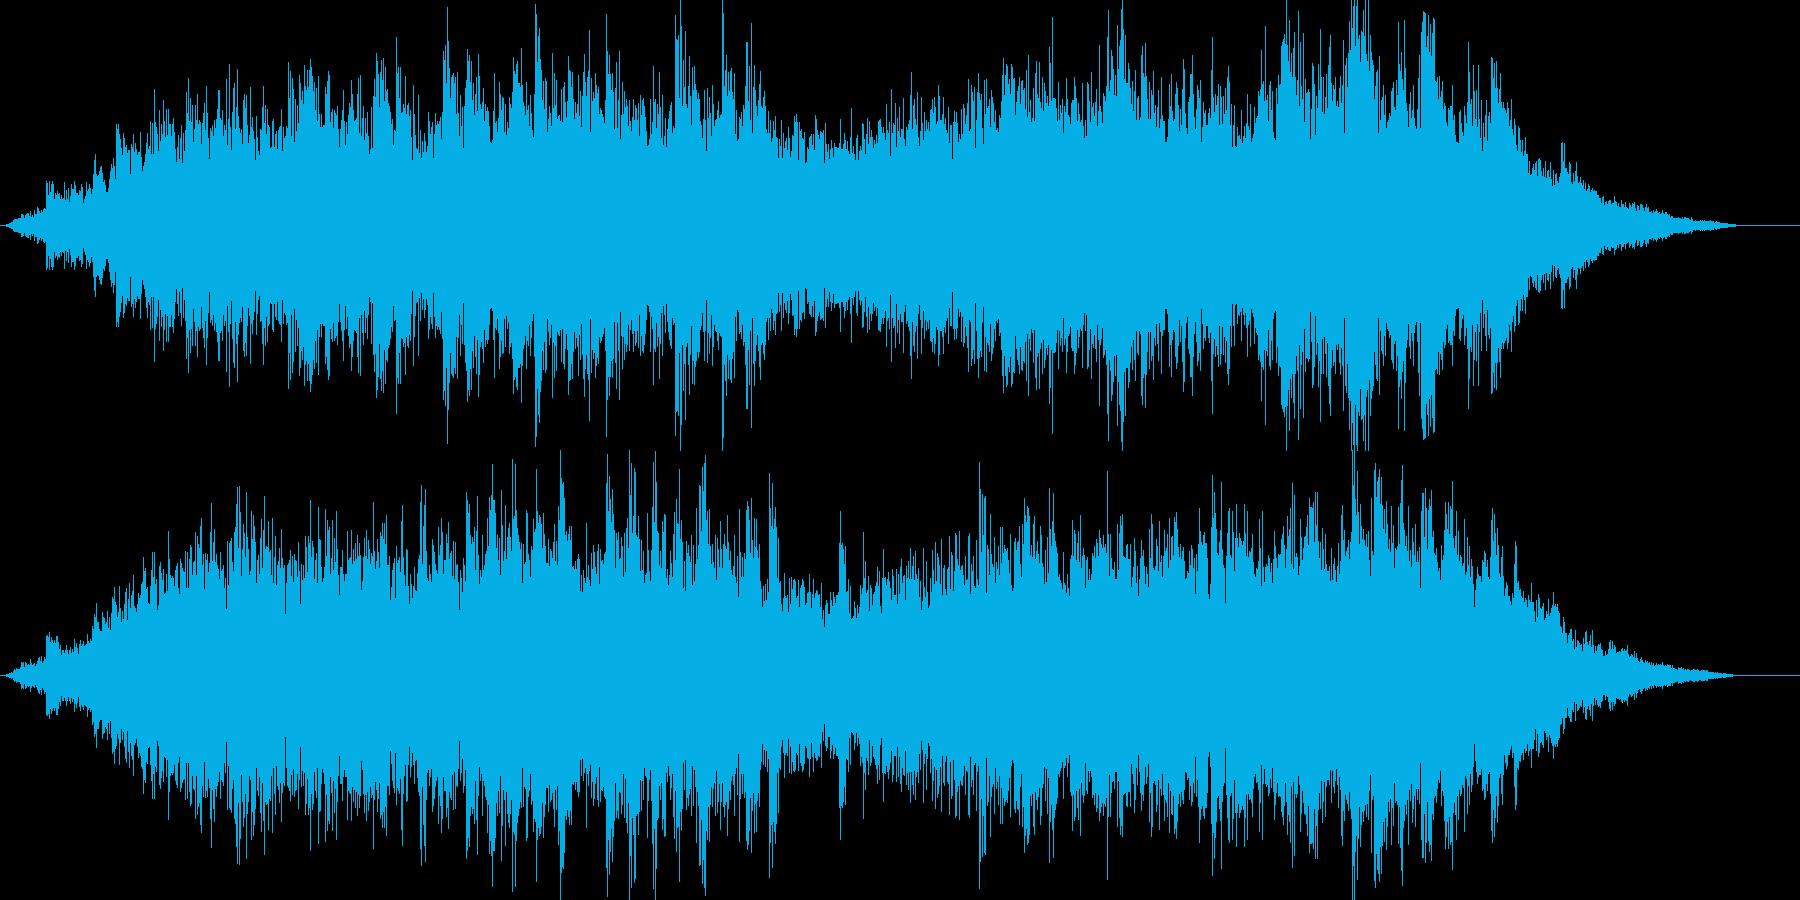 キラキラしたバラードの再生済みの波形